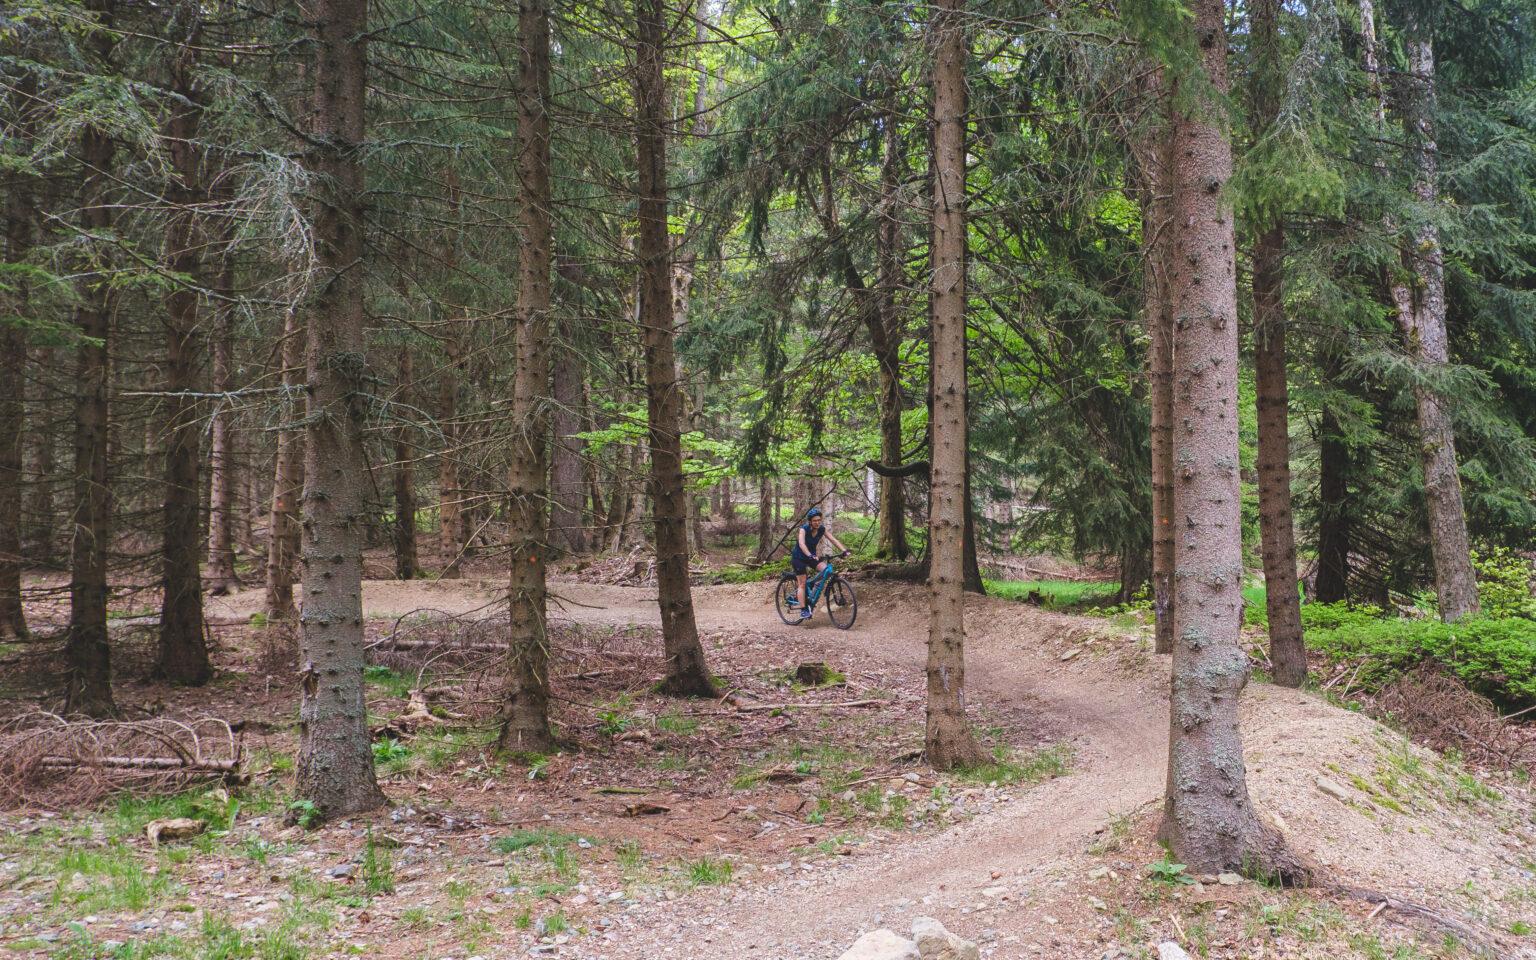 Ania na rowerze przejeżdża zakręt na singletracku Szklarska.